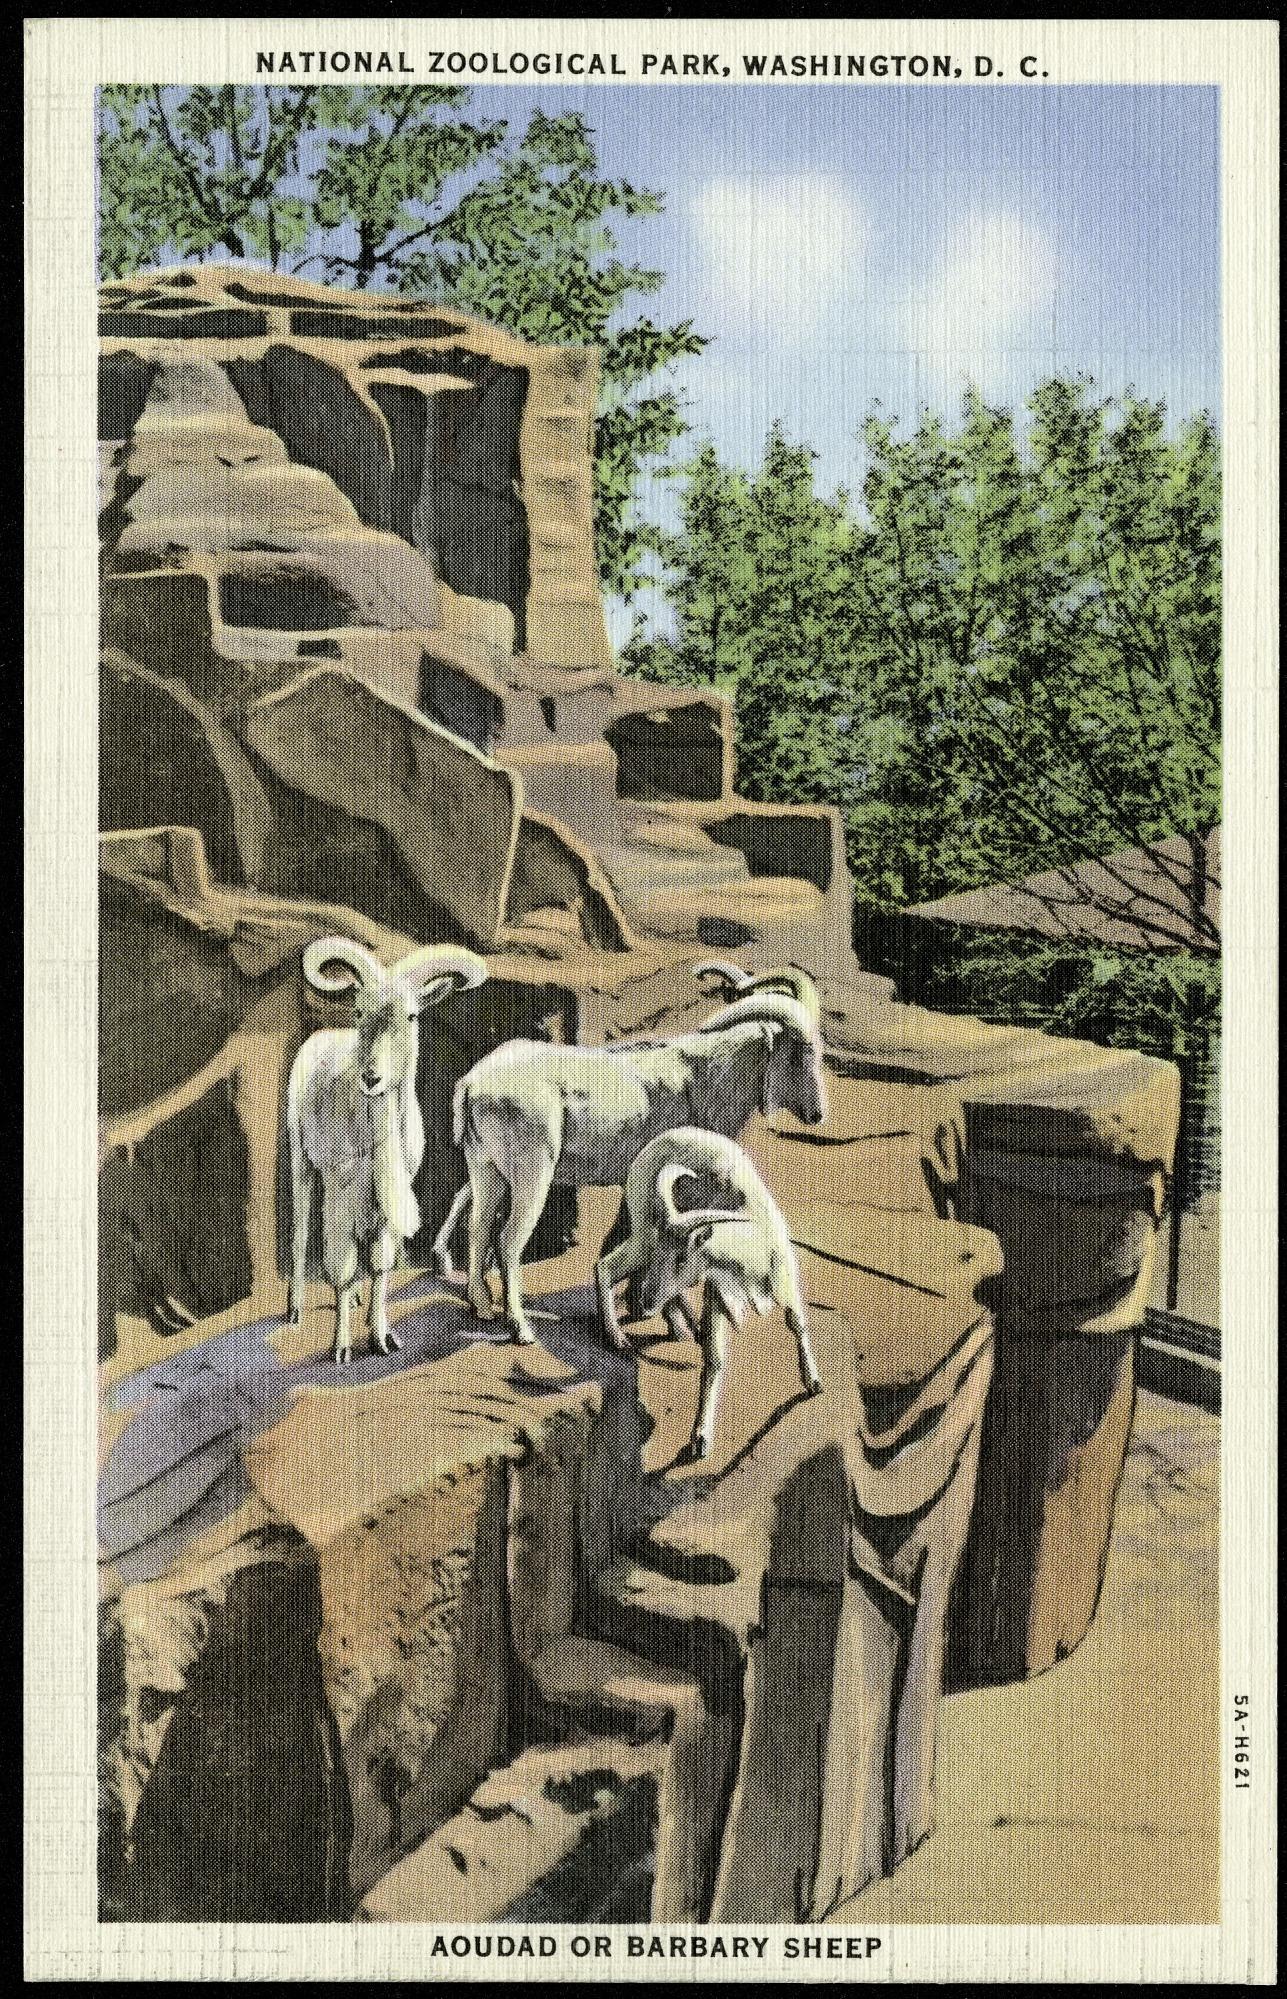 Postcard of Aoudad or Barbary Sheep